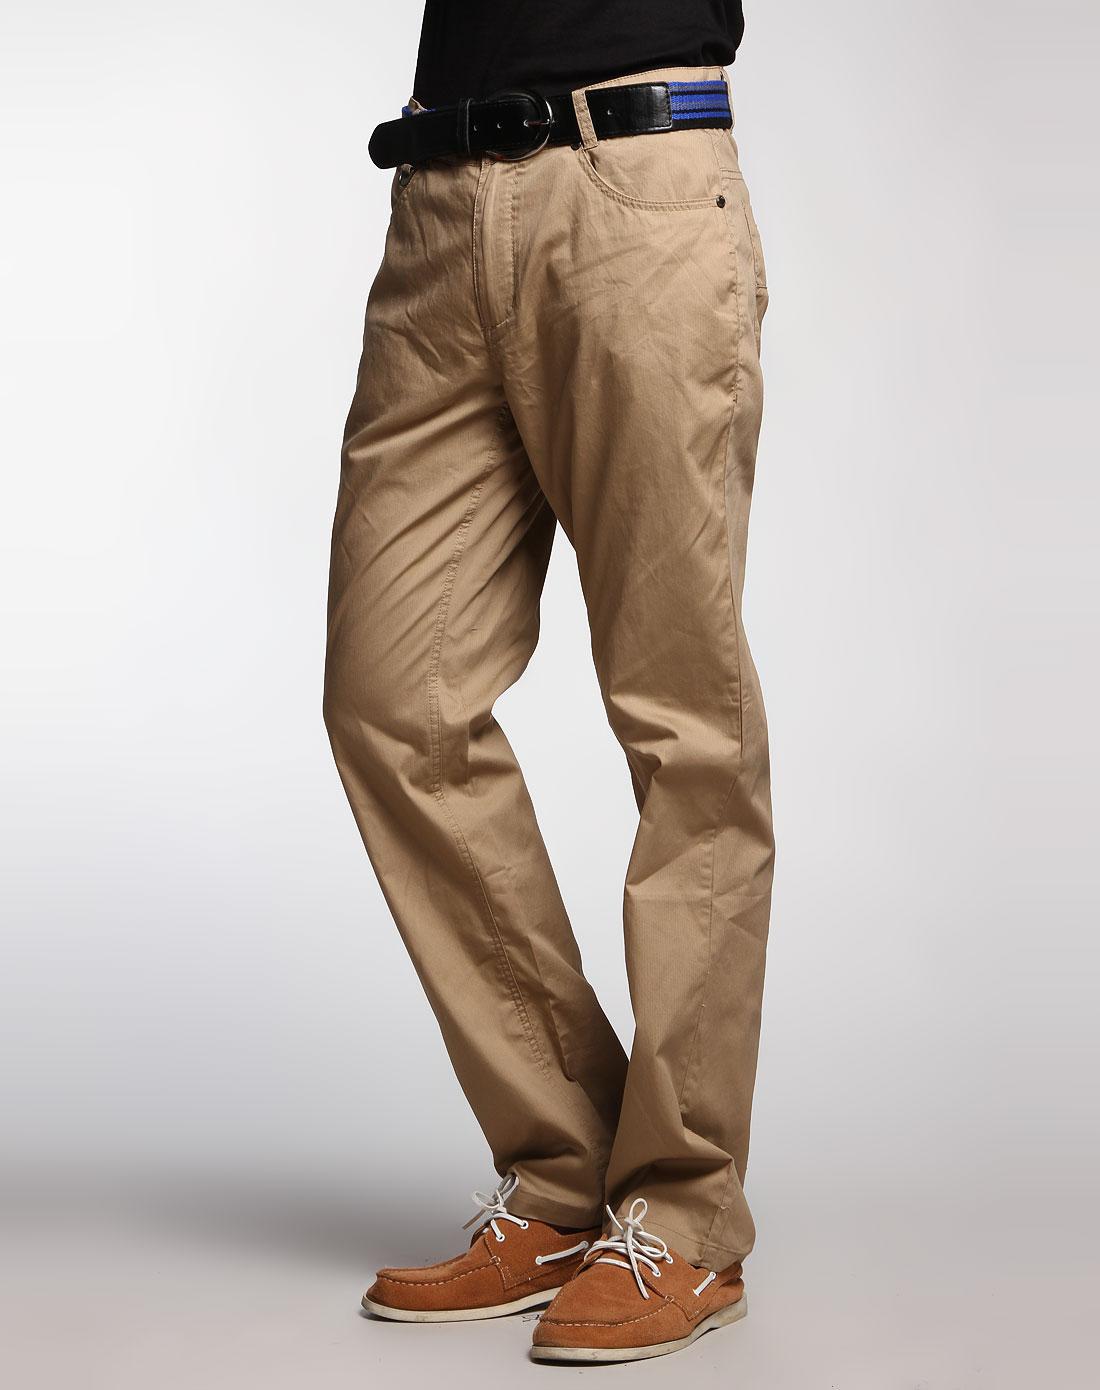 棕色裤子配鞋子图